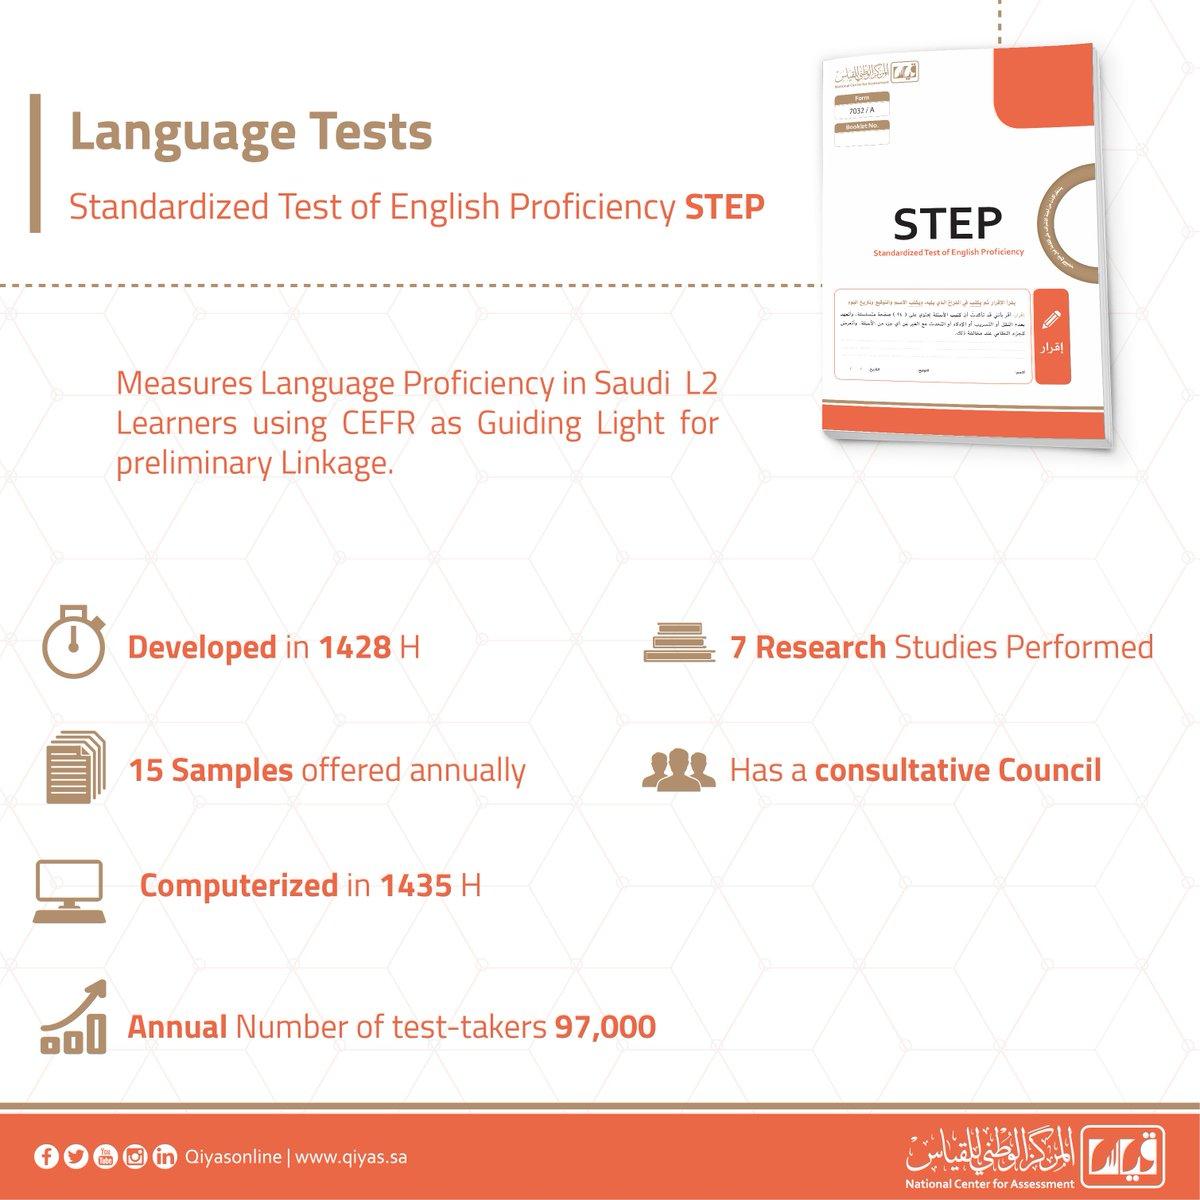 مركز قياس Qiyas On Twitter أتود تجربة اختبار كفايات اللغة الإنجليزية Step يمكنك ذلك من خلال الاختبار التجريبي المجاني Https T Co 2moaotoqtl ساهم في نشر الفائدة Https T Co Xk5zvqkrrh